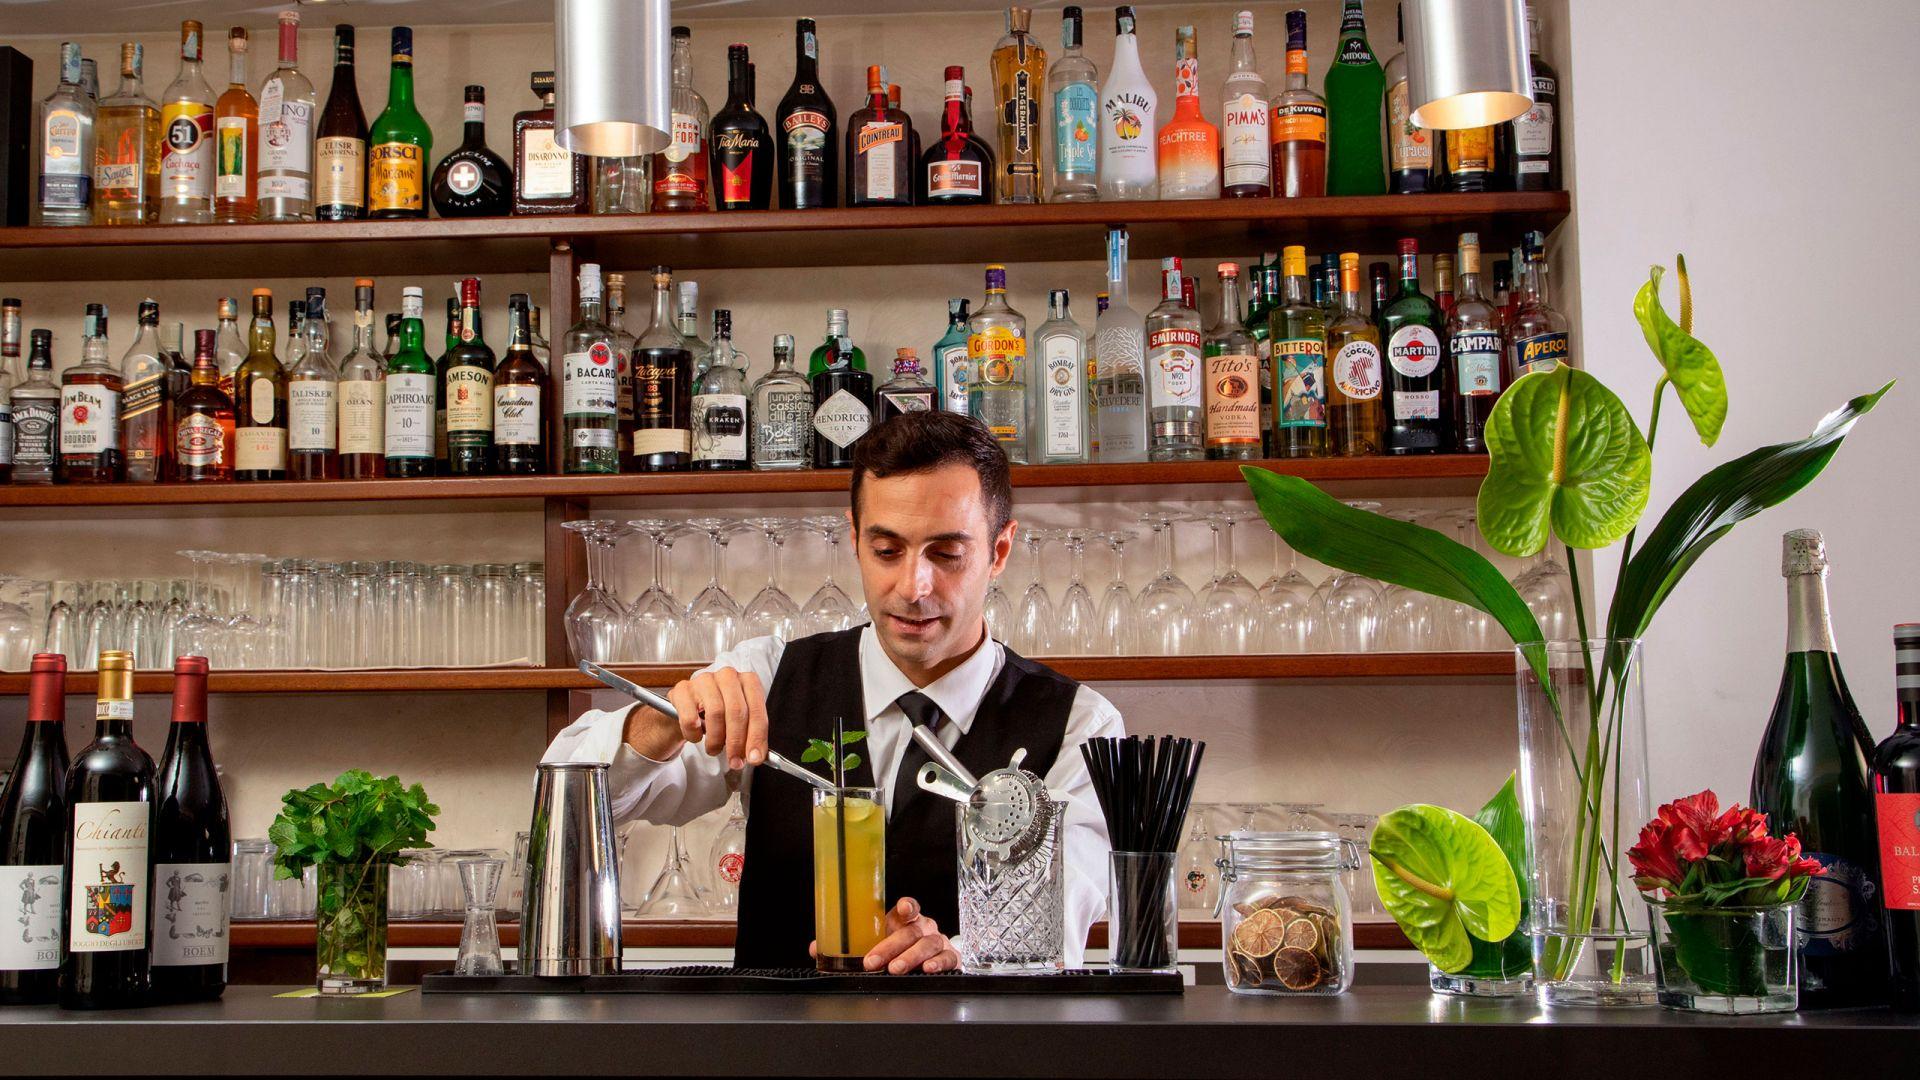 IMG-7127--Hotel-Oxofrd-Roma-Quart-Restaurant.jpg